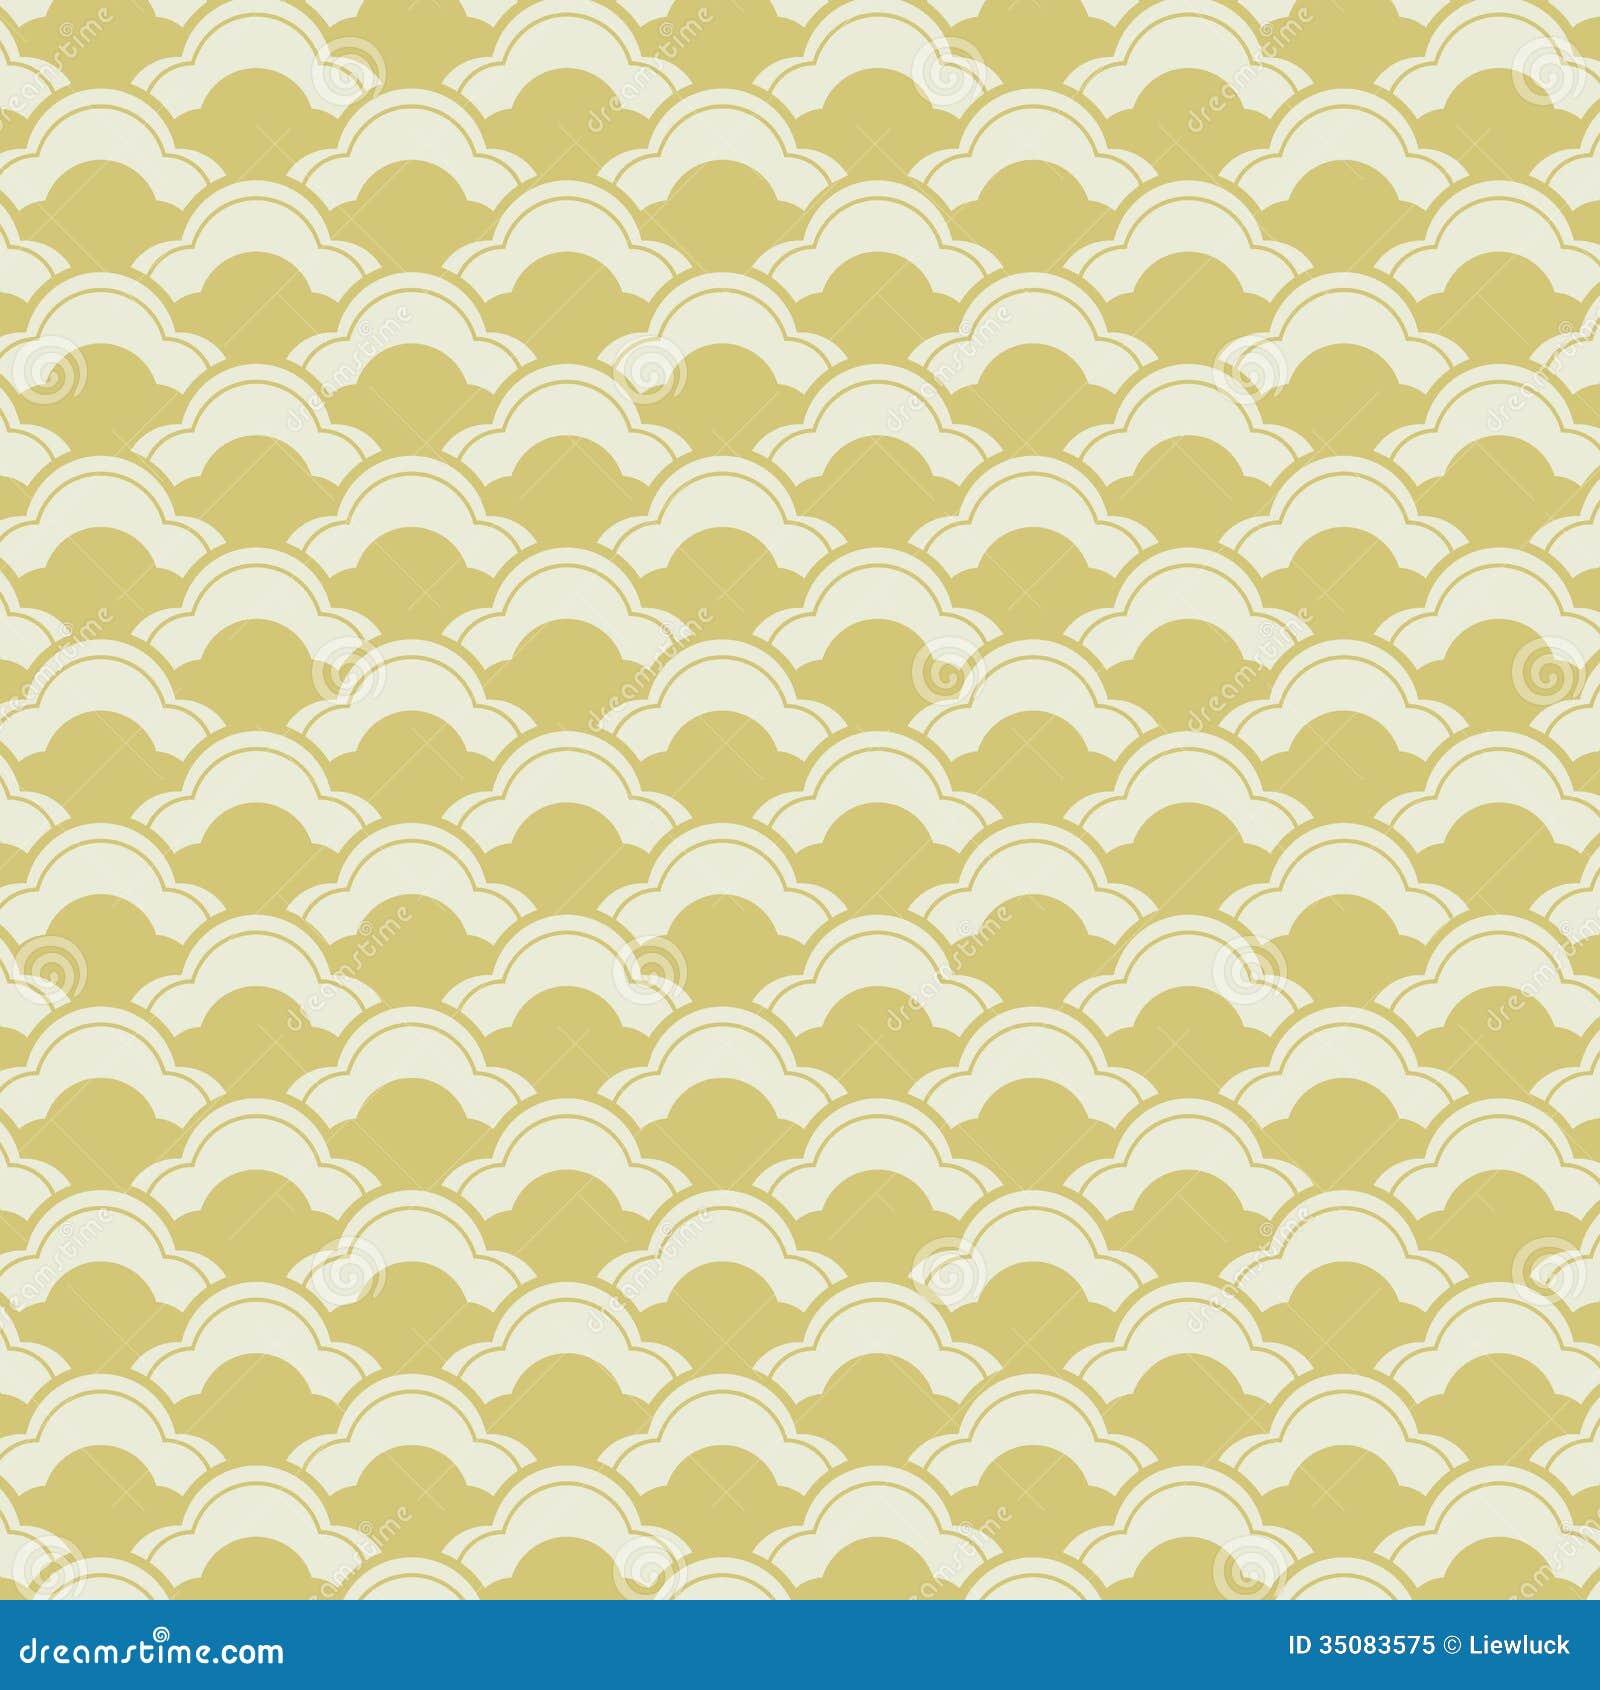 pattern royalty background patterns - photo #6